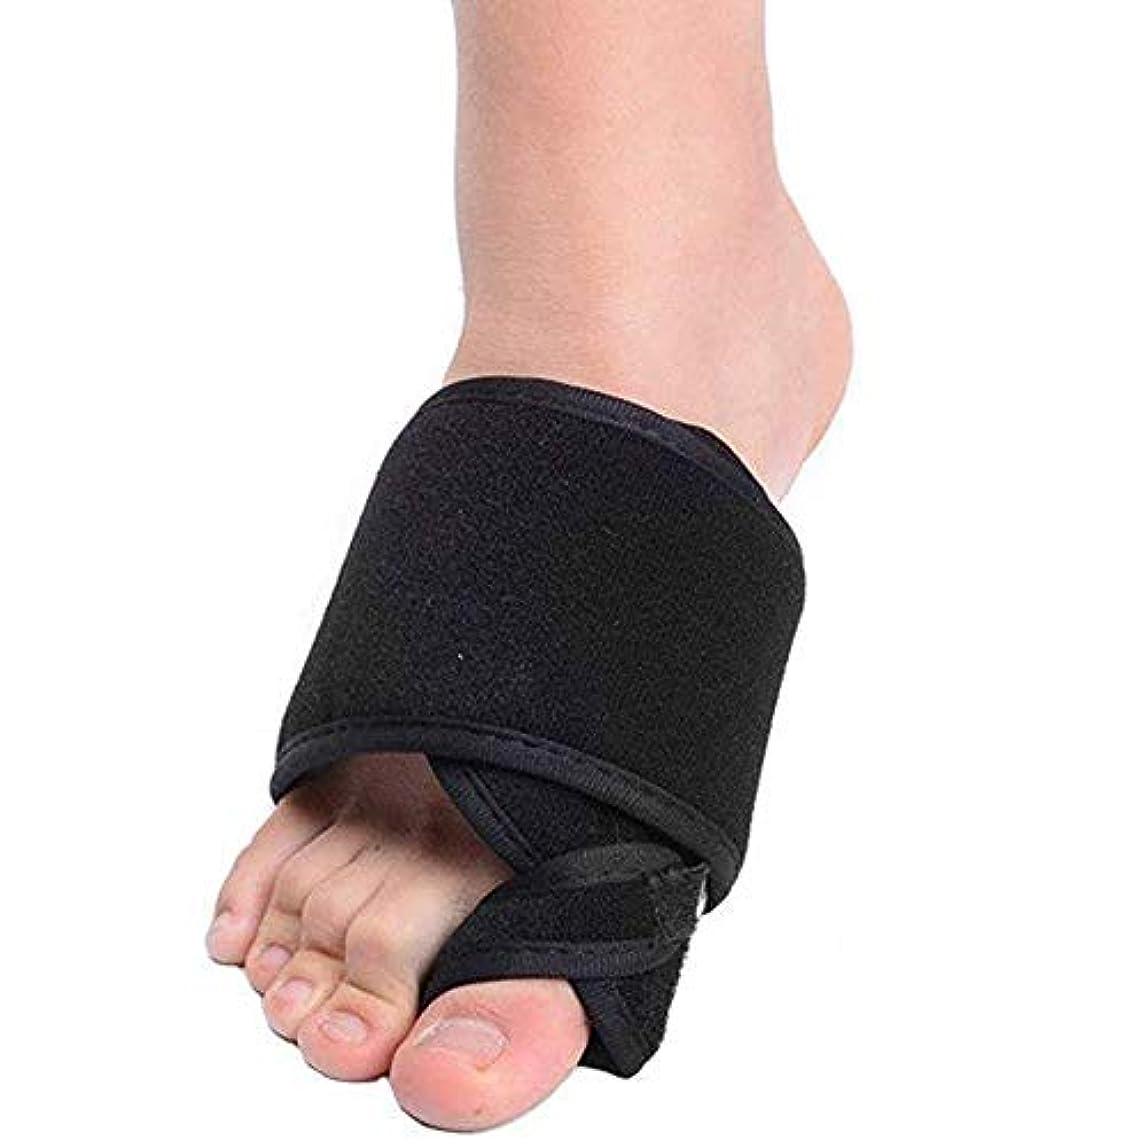 高架子供っぽい足枷スプリントサポート付きのつま先セパレーター調整可能なストラップオーバーラップトウのつま先の痛みの緩和(1)